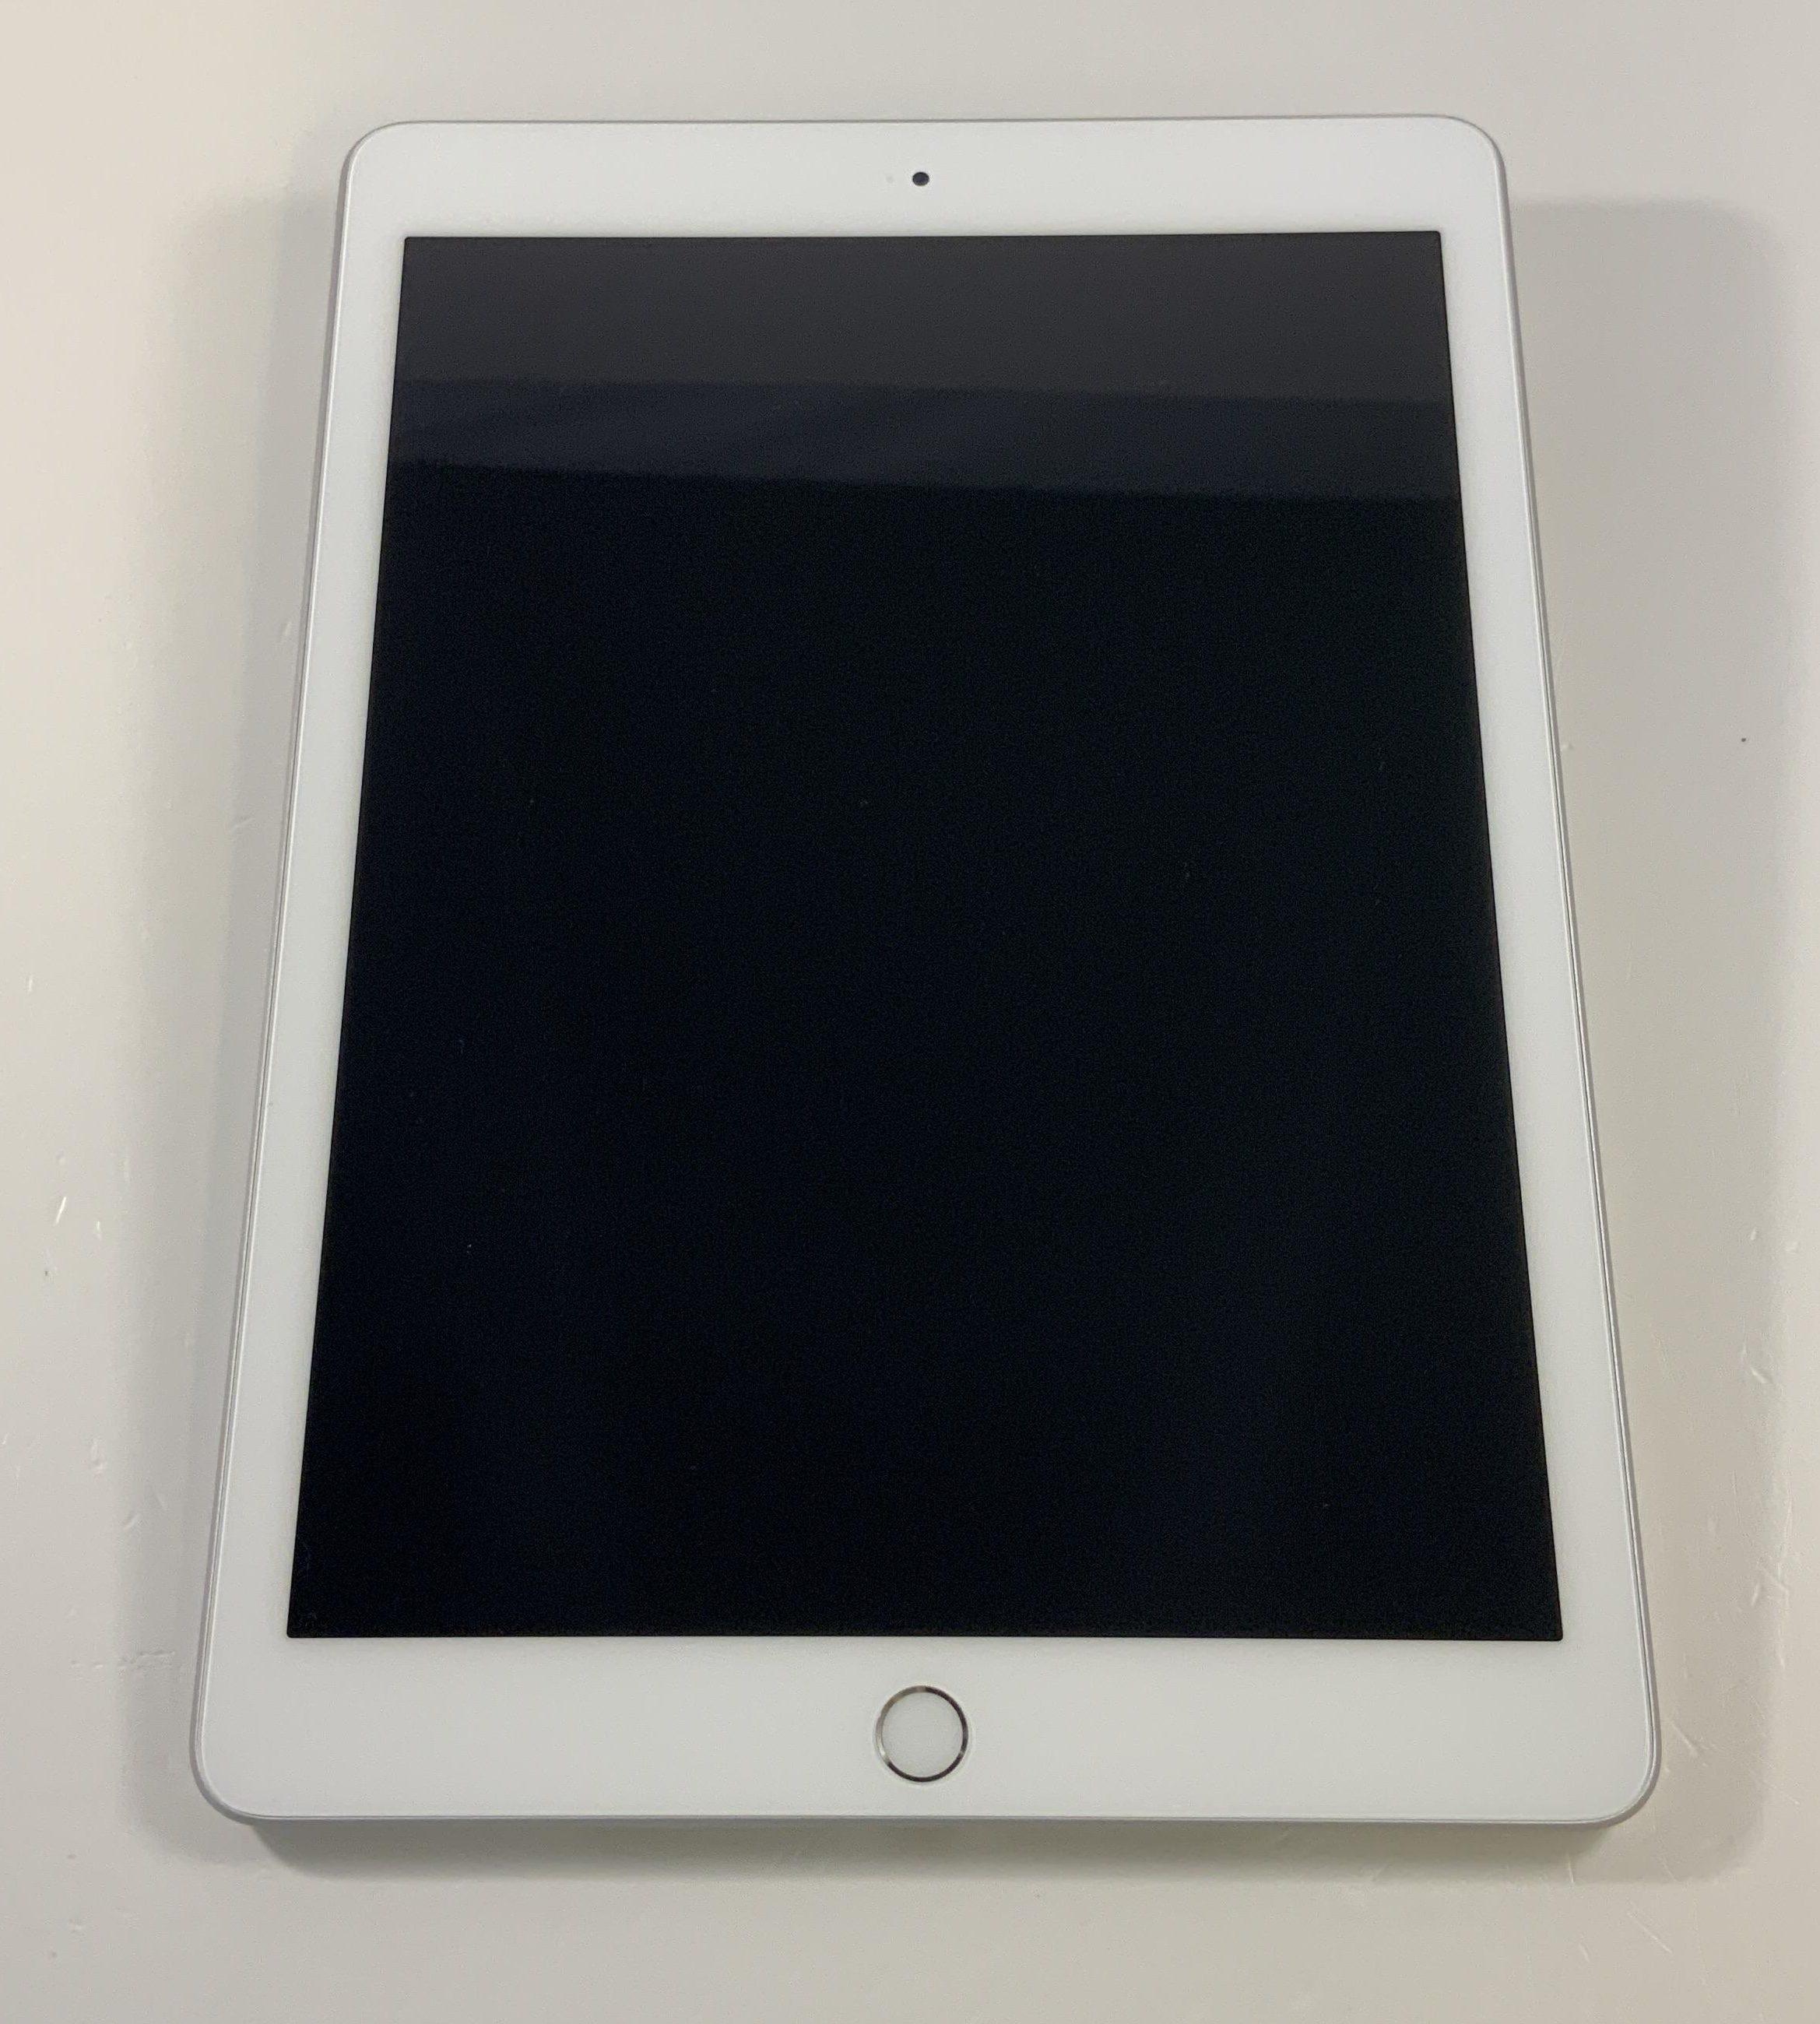 iPad 5 Wi-Fi 128GB, 128GB, Silver, image 1